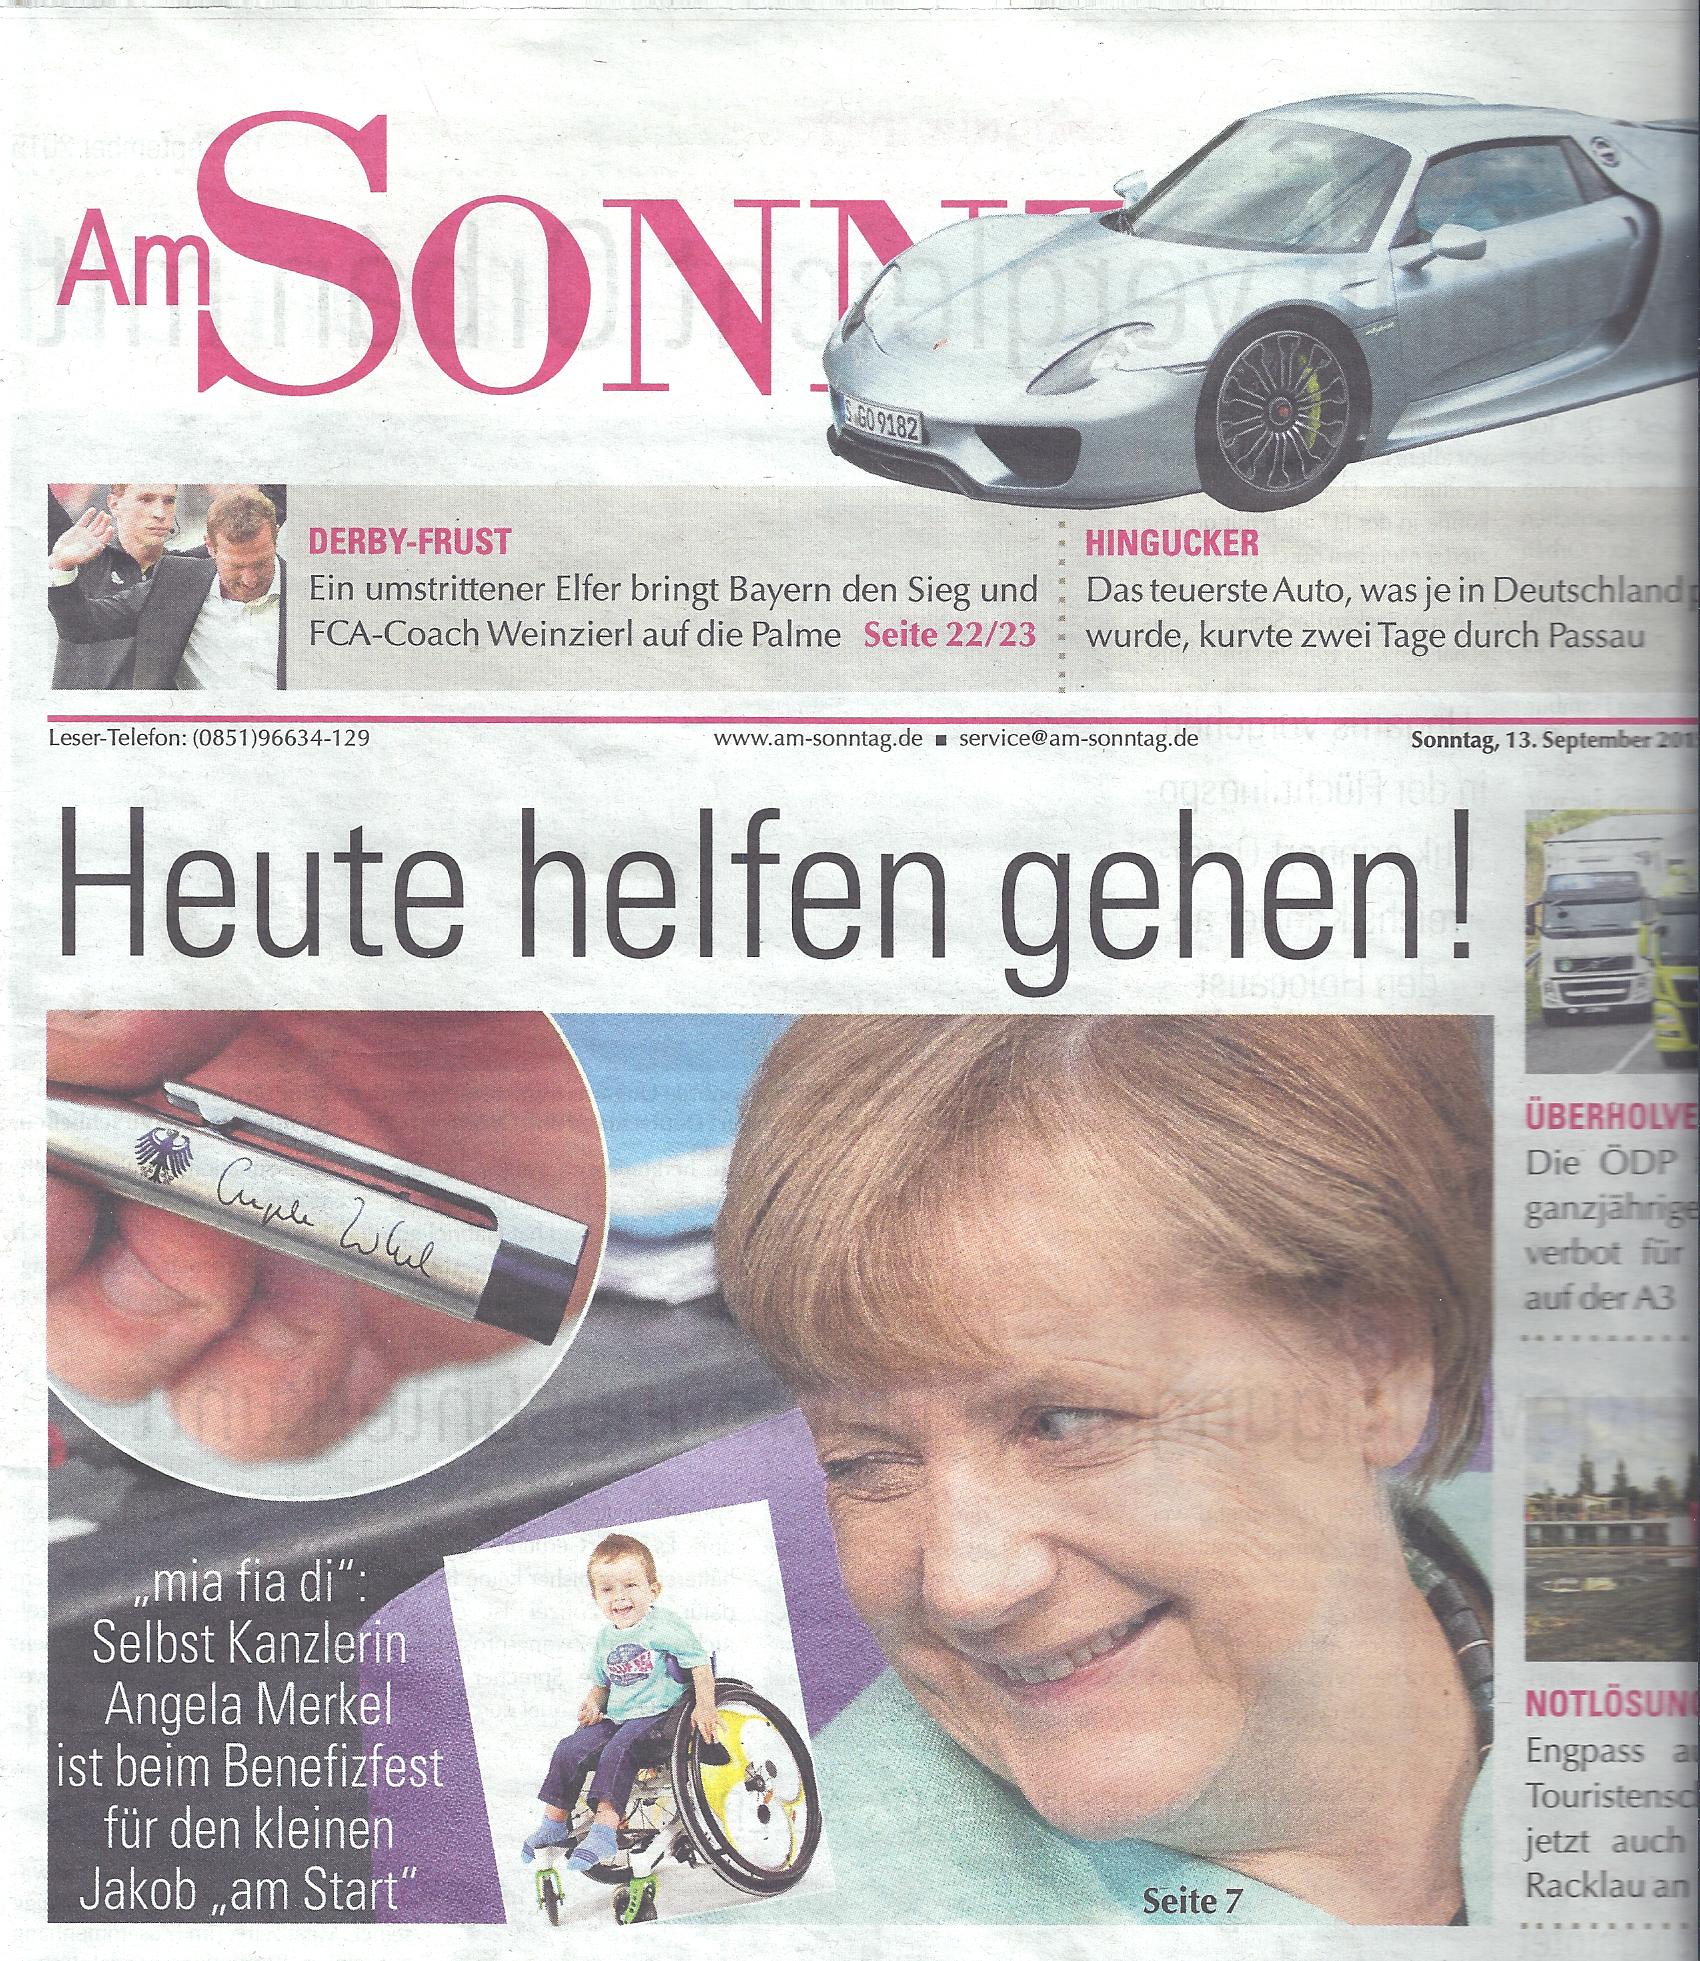 Am Sonntag Titelblatt - Heute helfen gehen